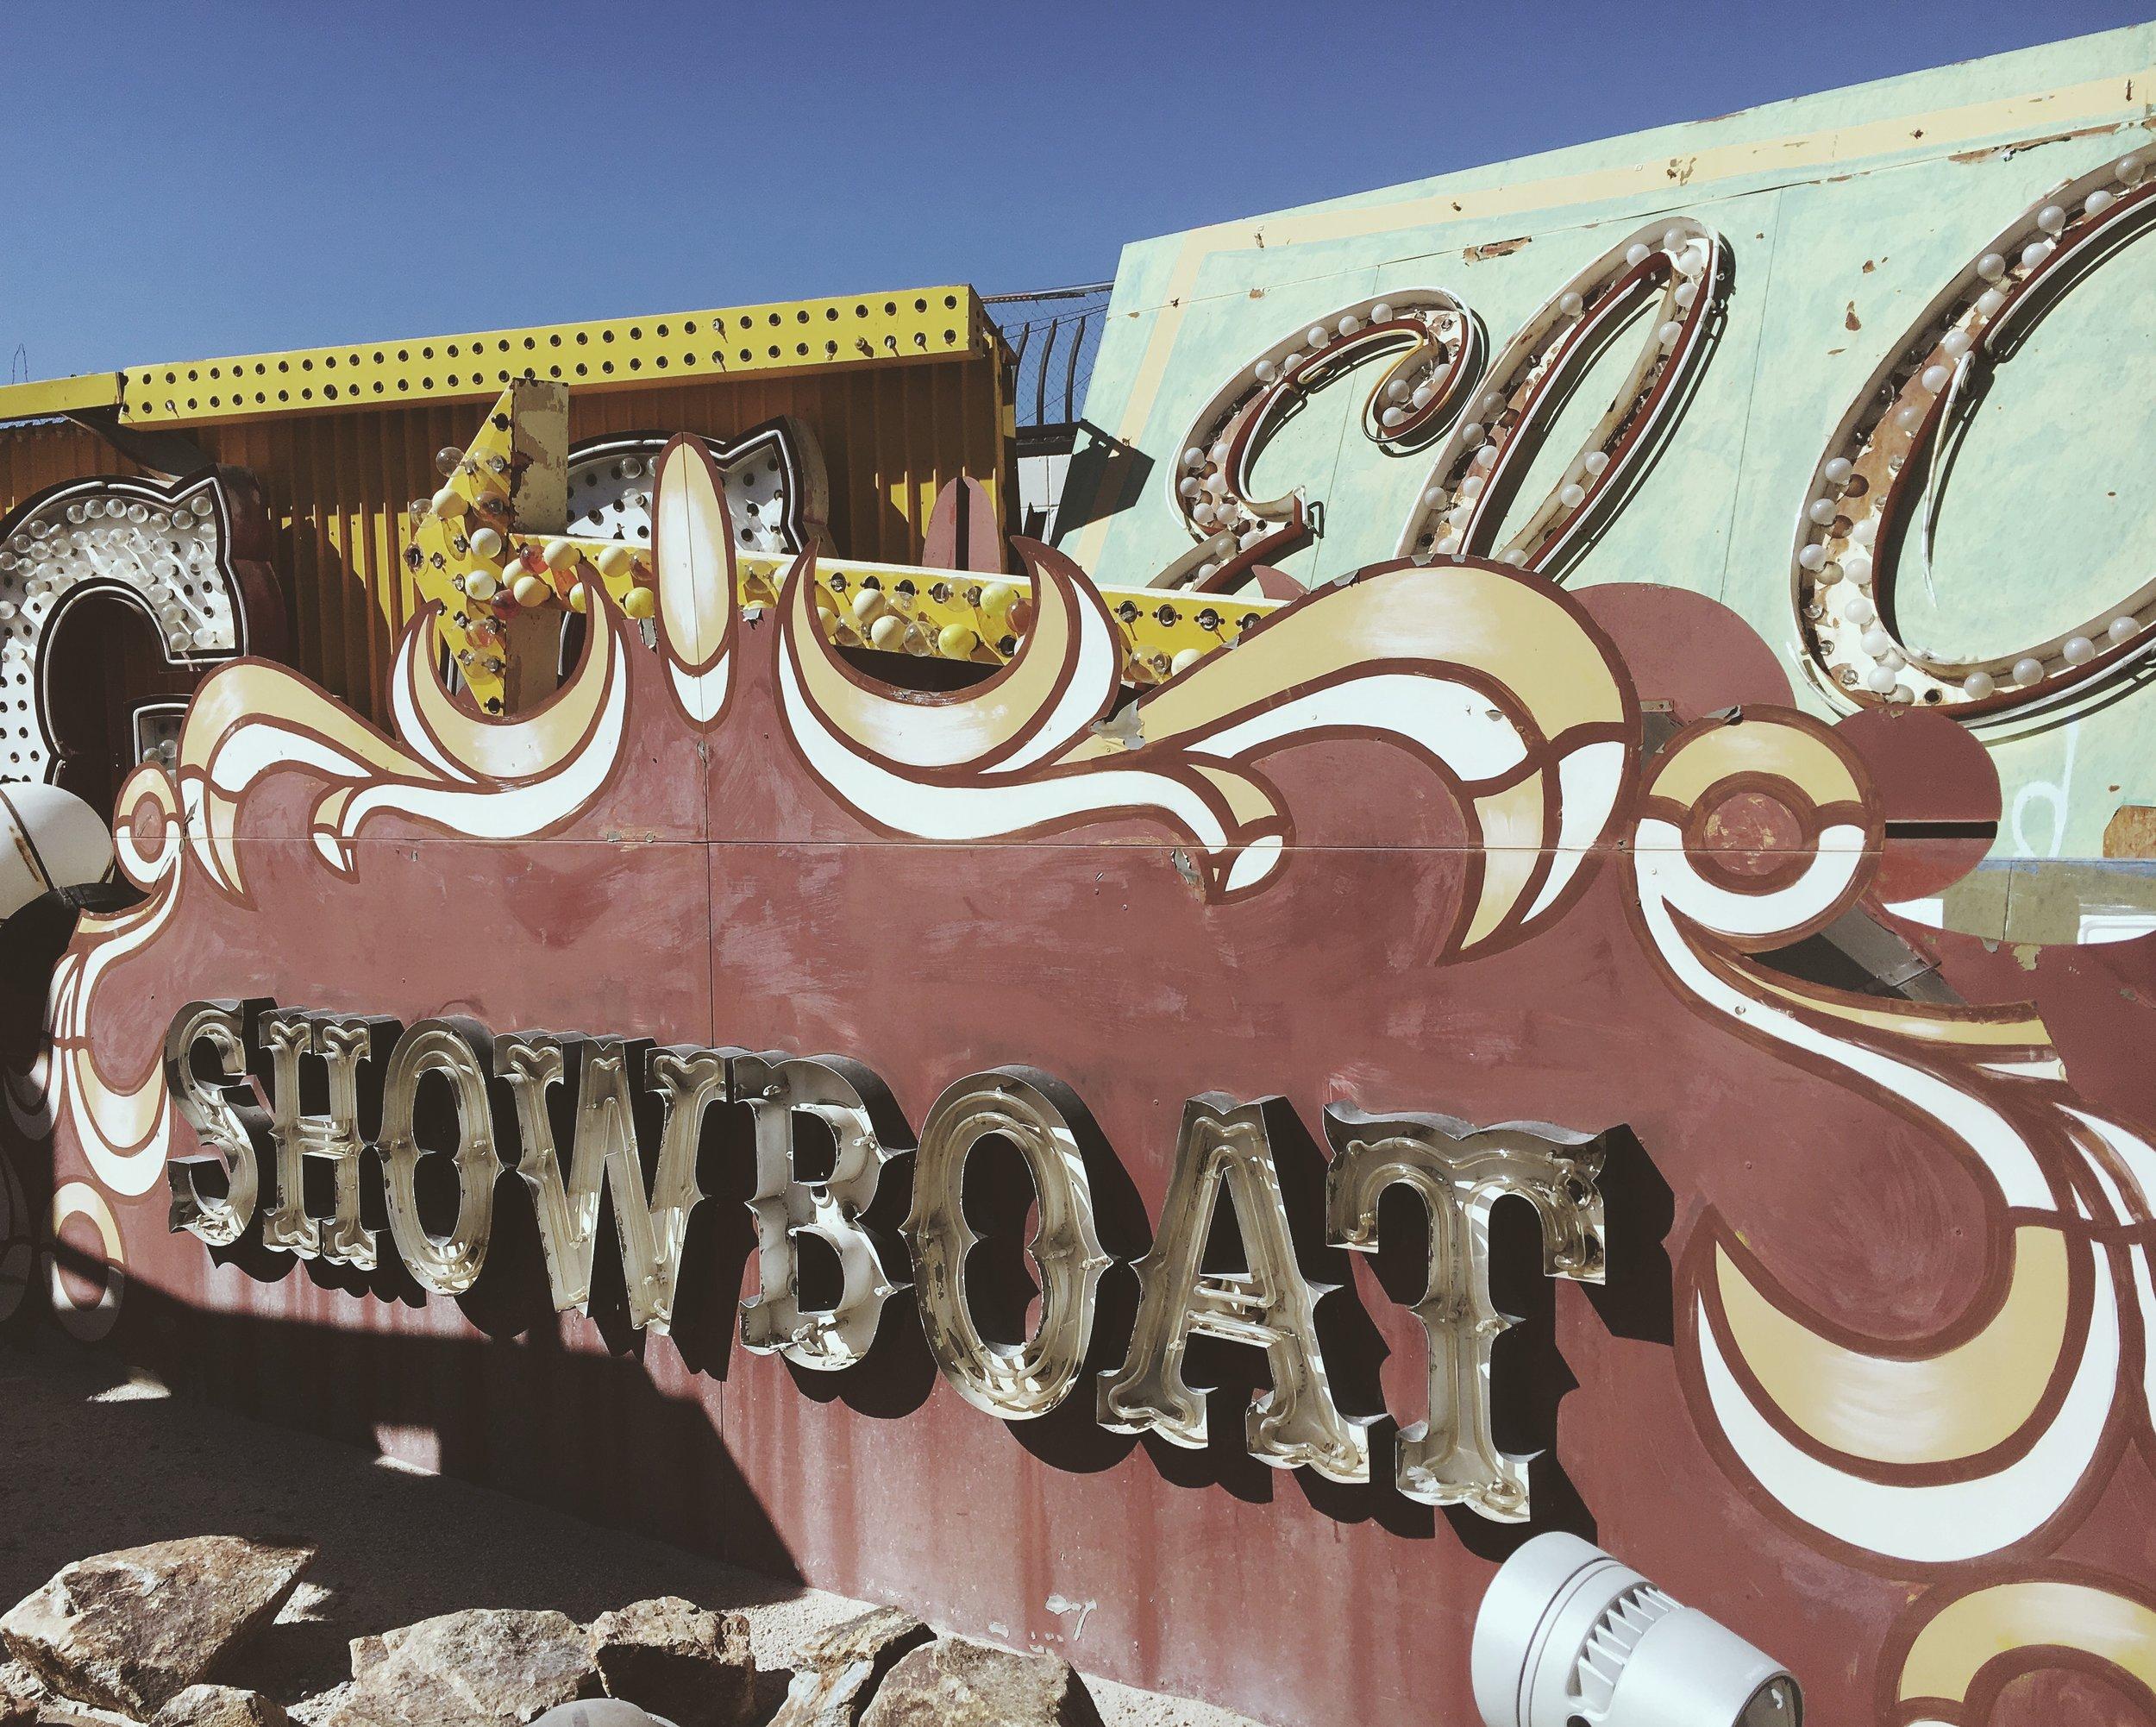 Neon_Showboat.JPG